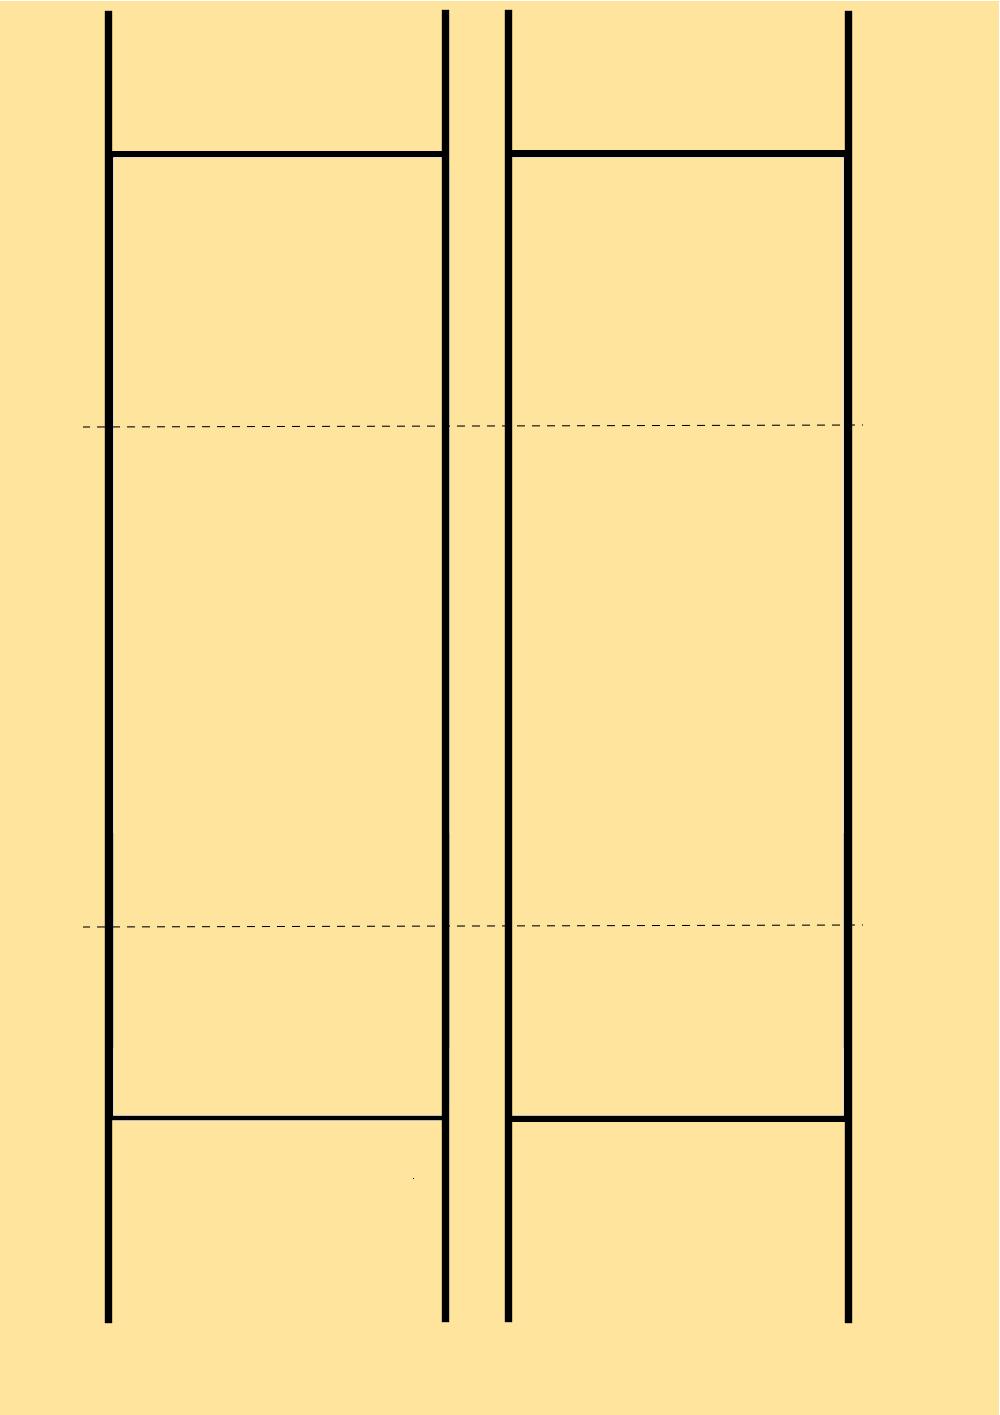 Esquema de pautado. La línea intermiten indica dónde se ha cortado el bifolio.